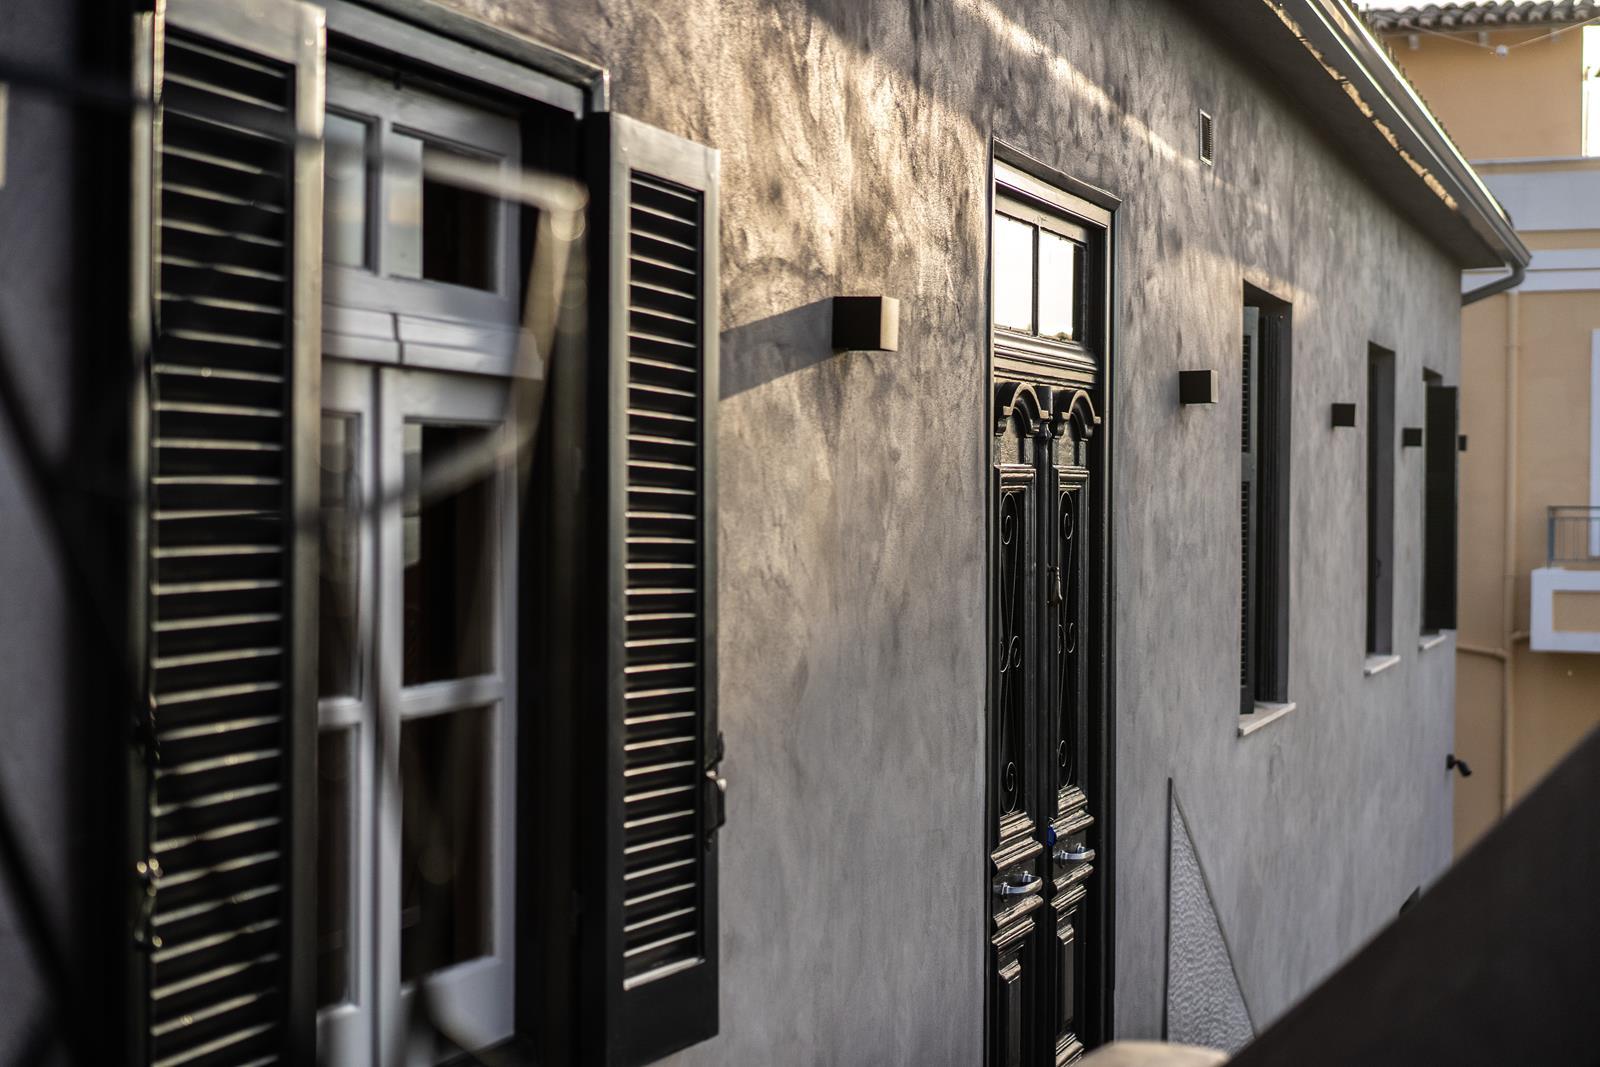 hotel in nafplio - aethra boutique rooms